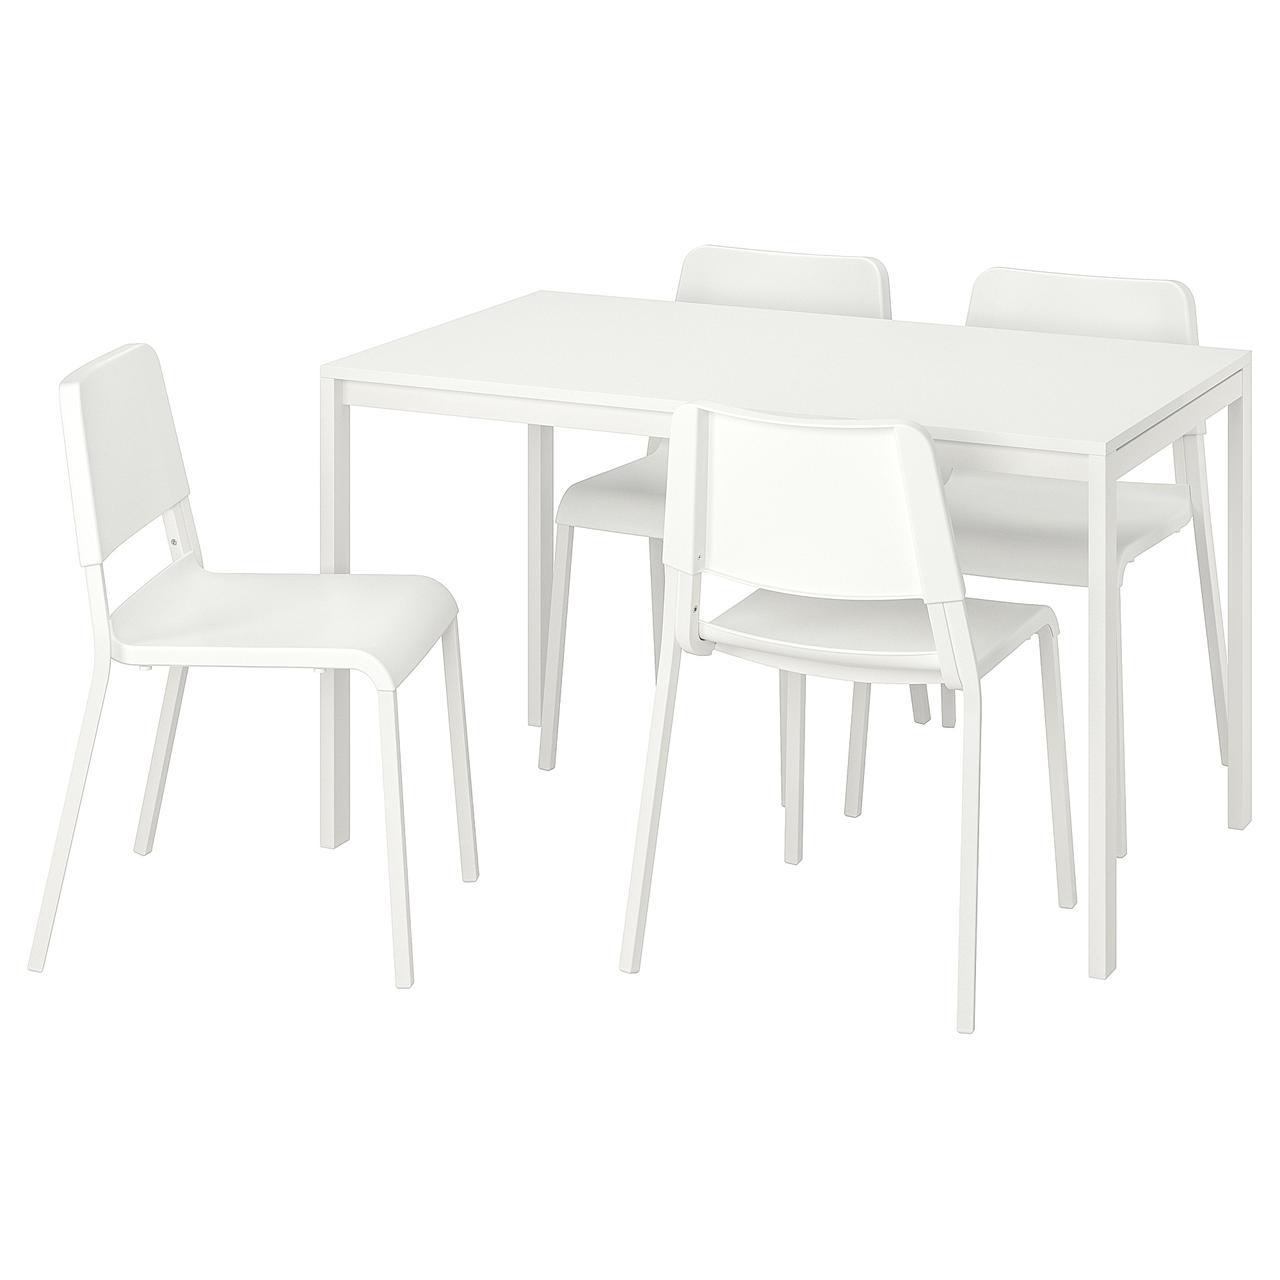 IKEA MELLTORP / TEODORES ( 792.860.33)